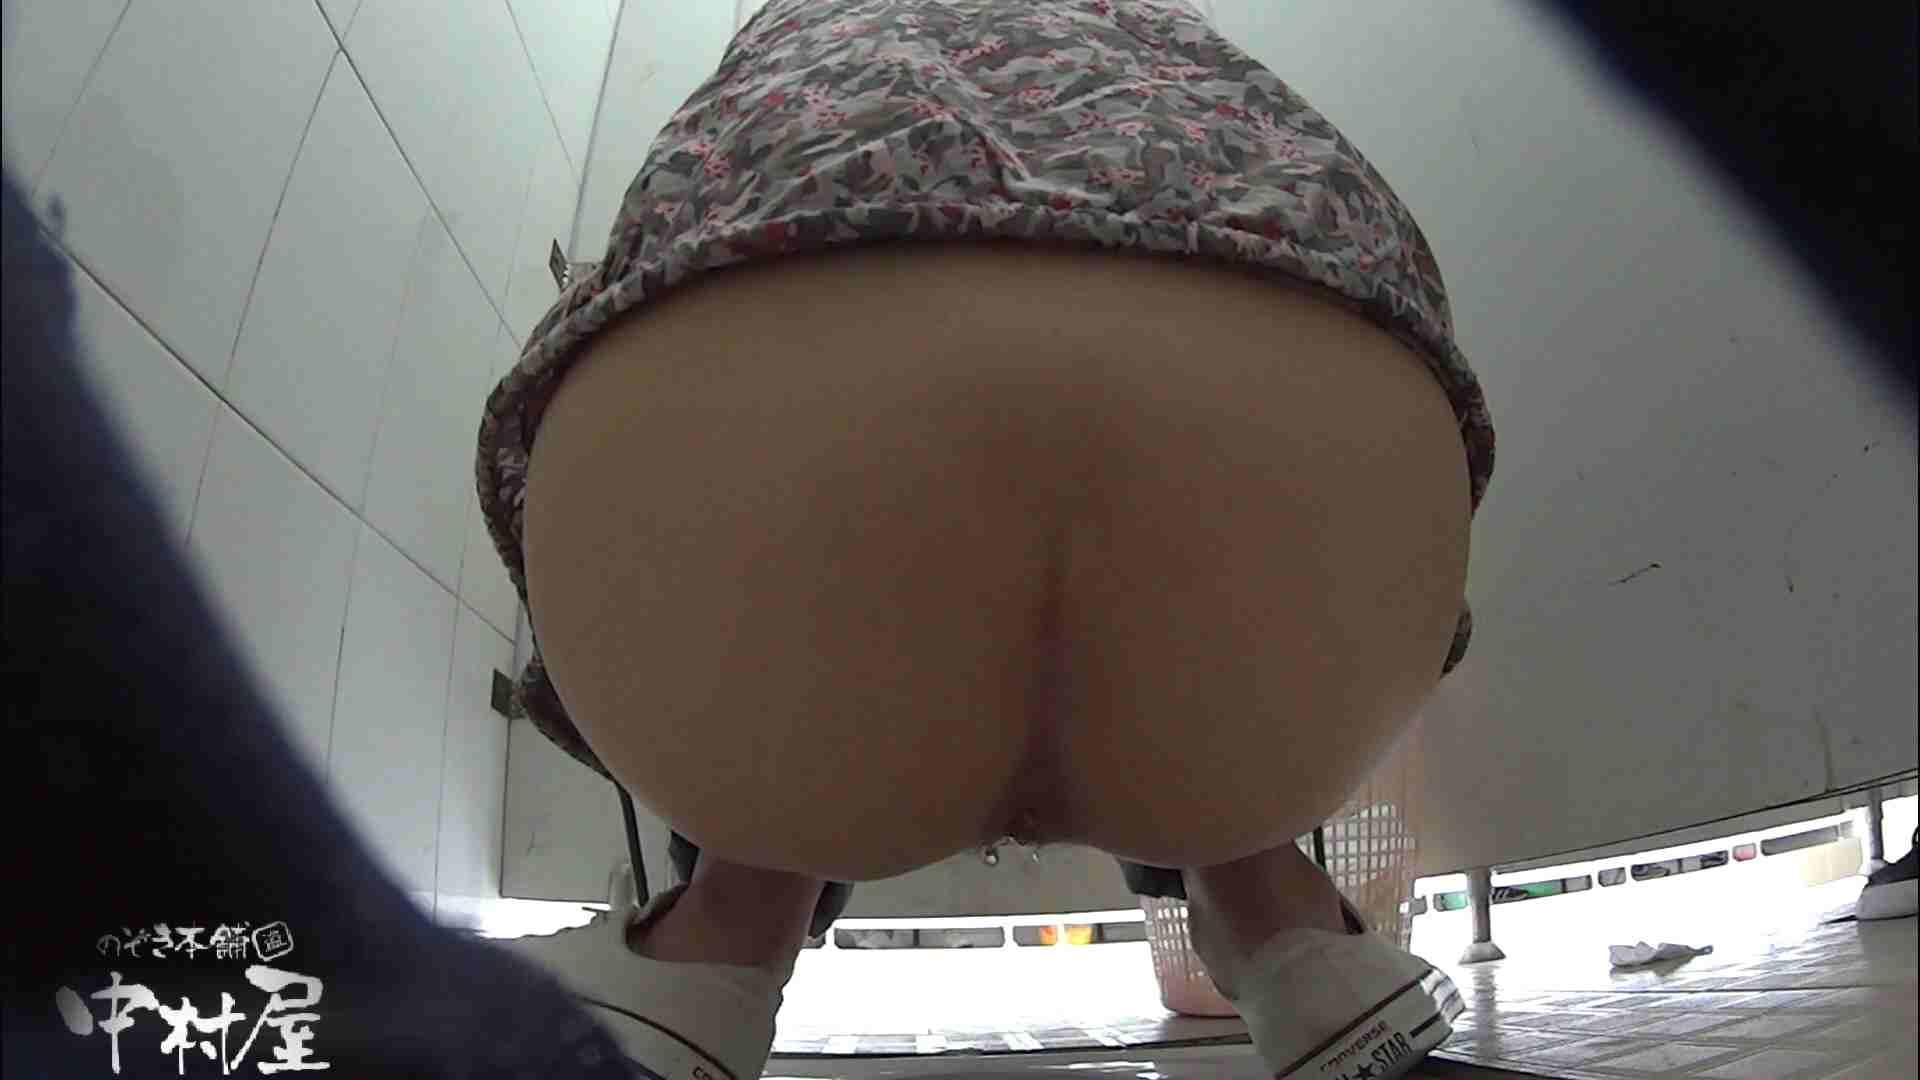 名大学休憩時間の洗面所事情01 盗撮映像  85Pix 49